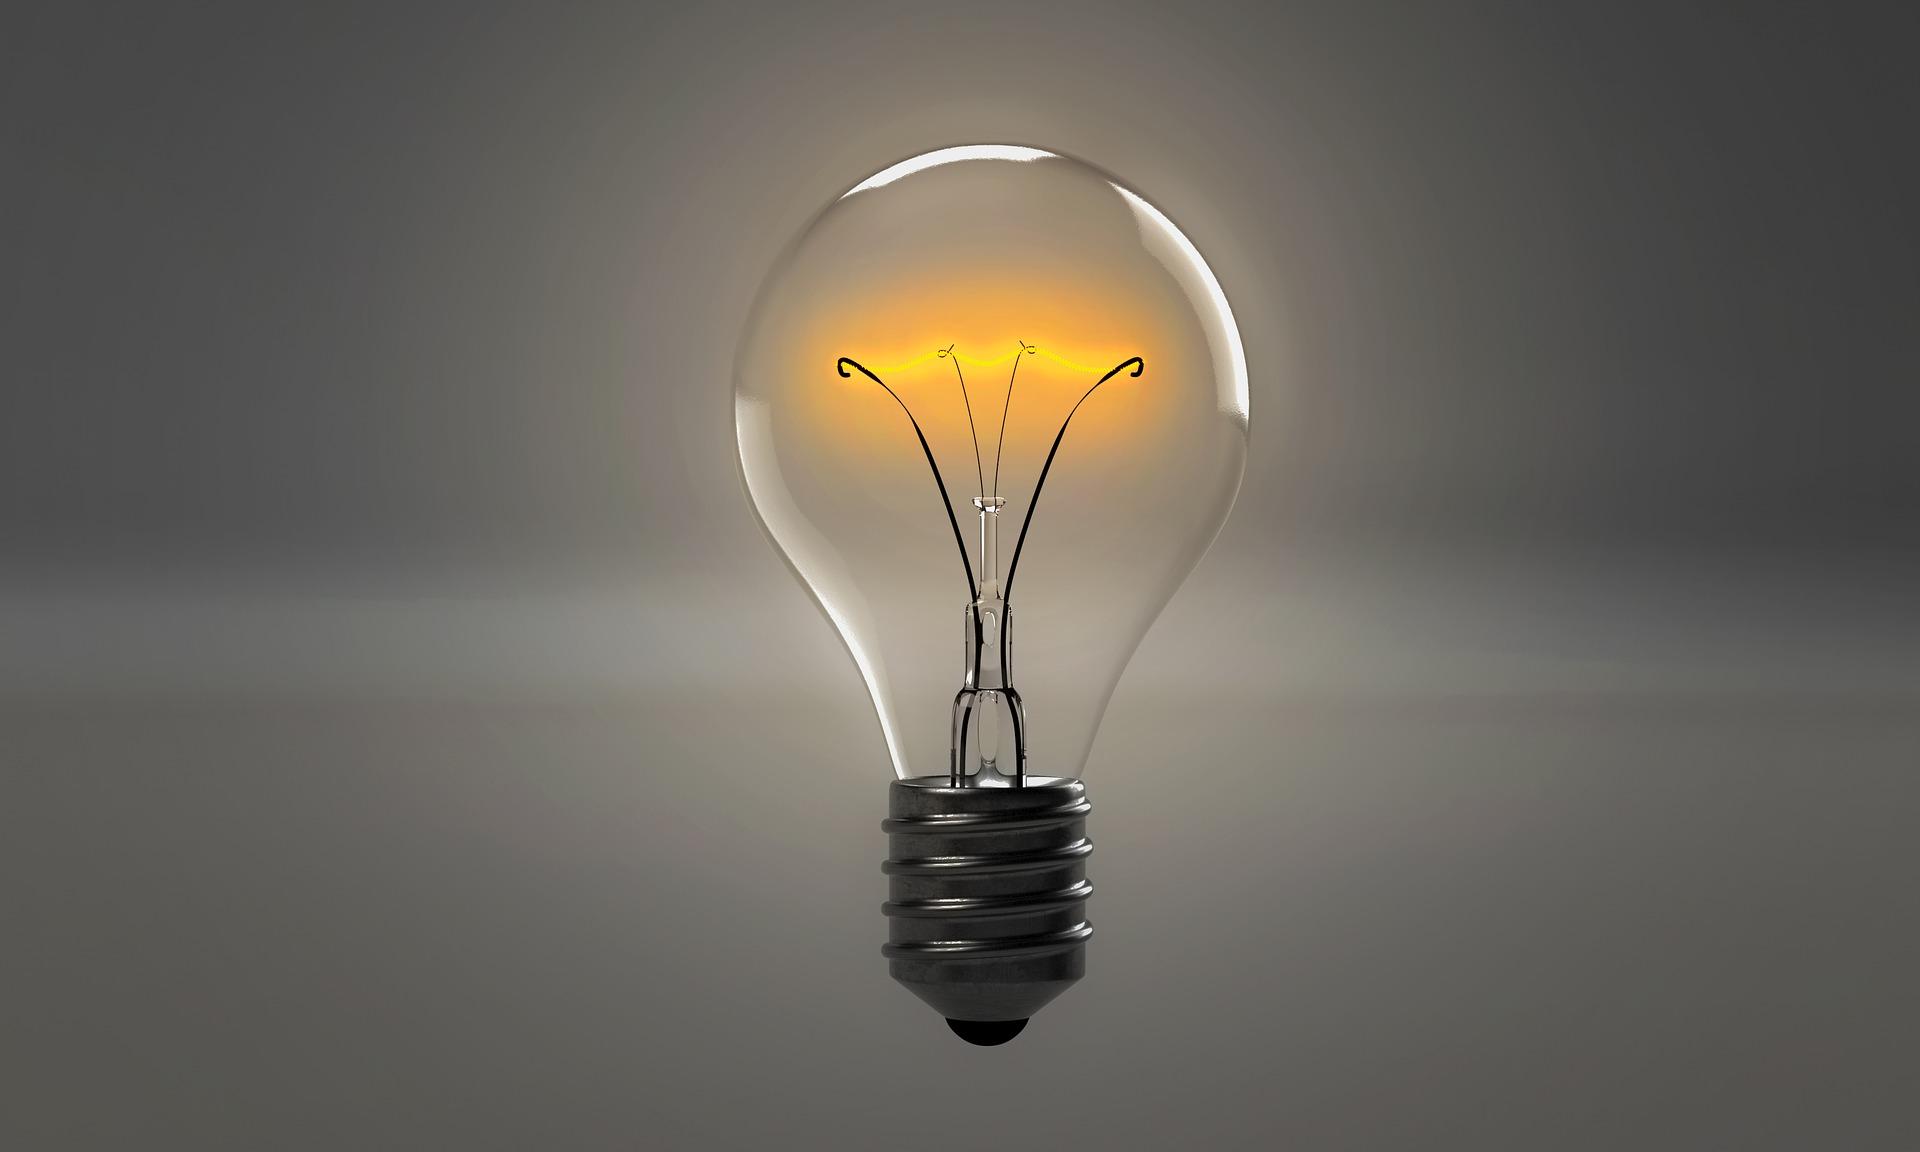 lightbulb-1875247-1920